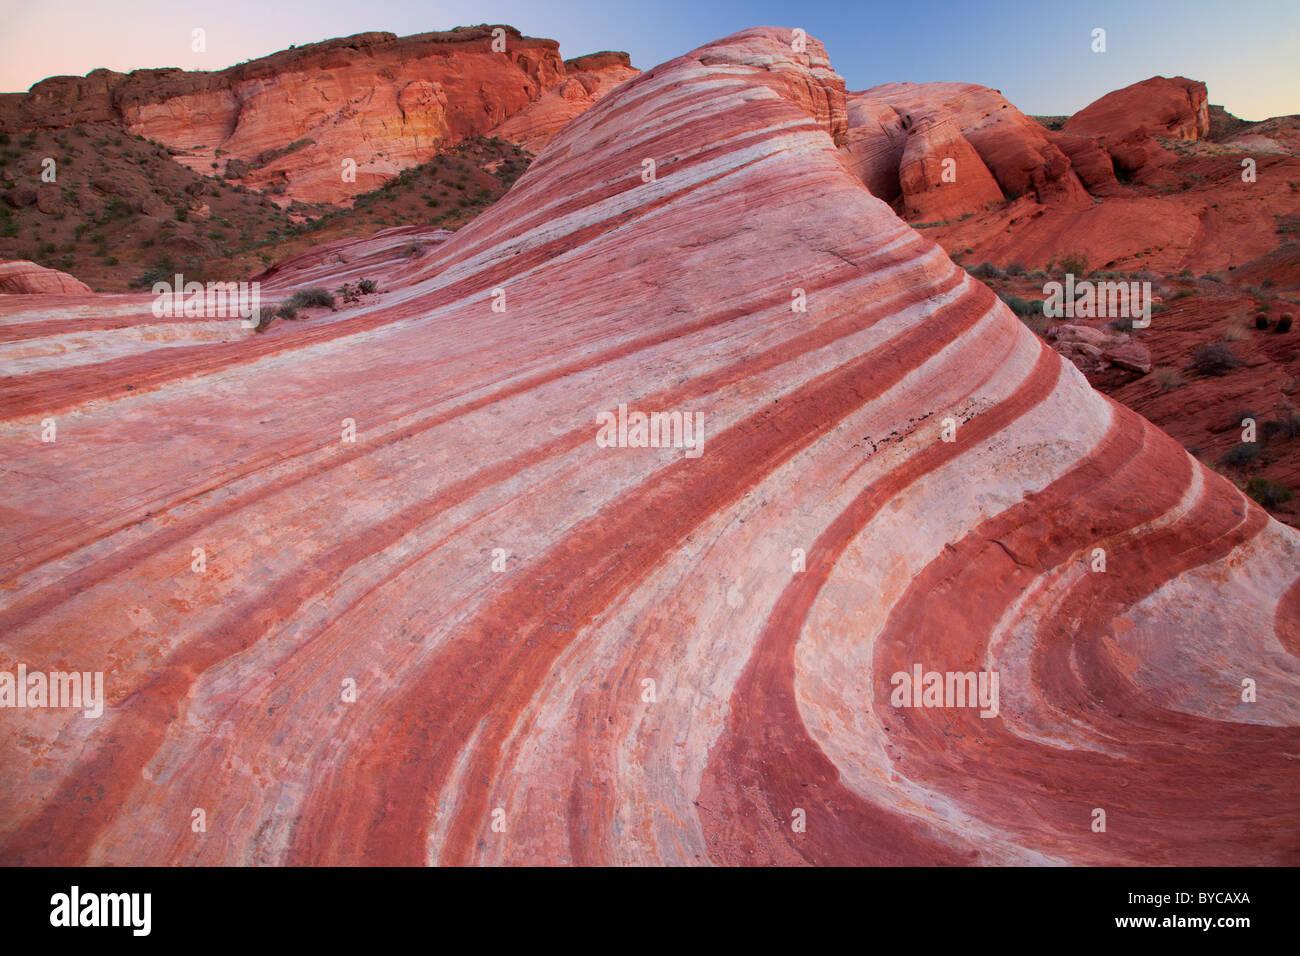 La Valle del Fuoco del Parco Statale di Deserto Mojave, Nevada Immagini Stock